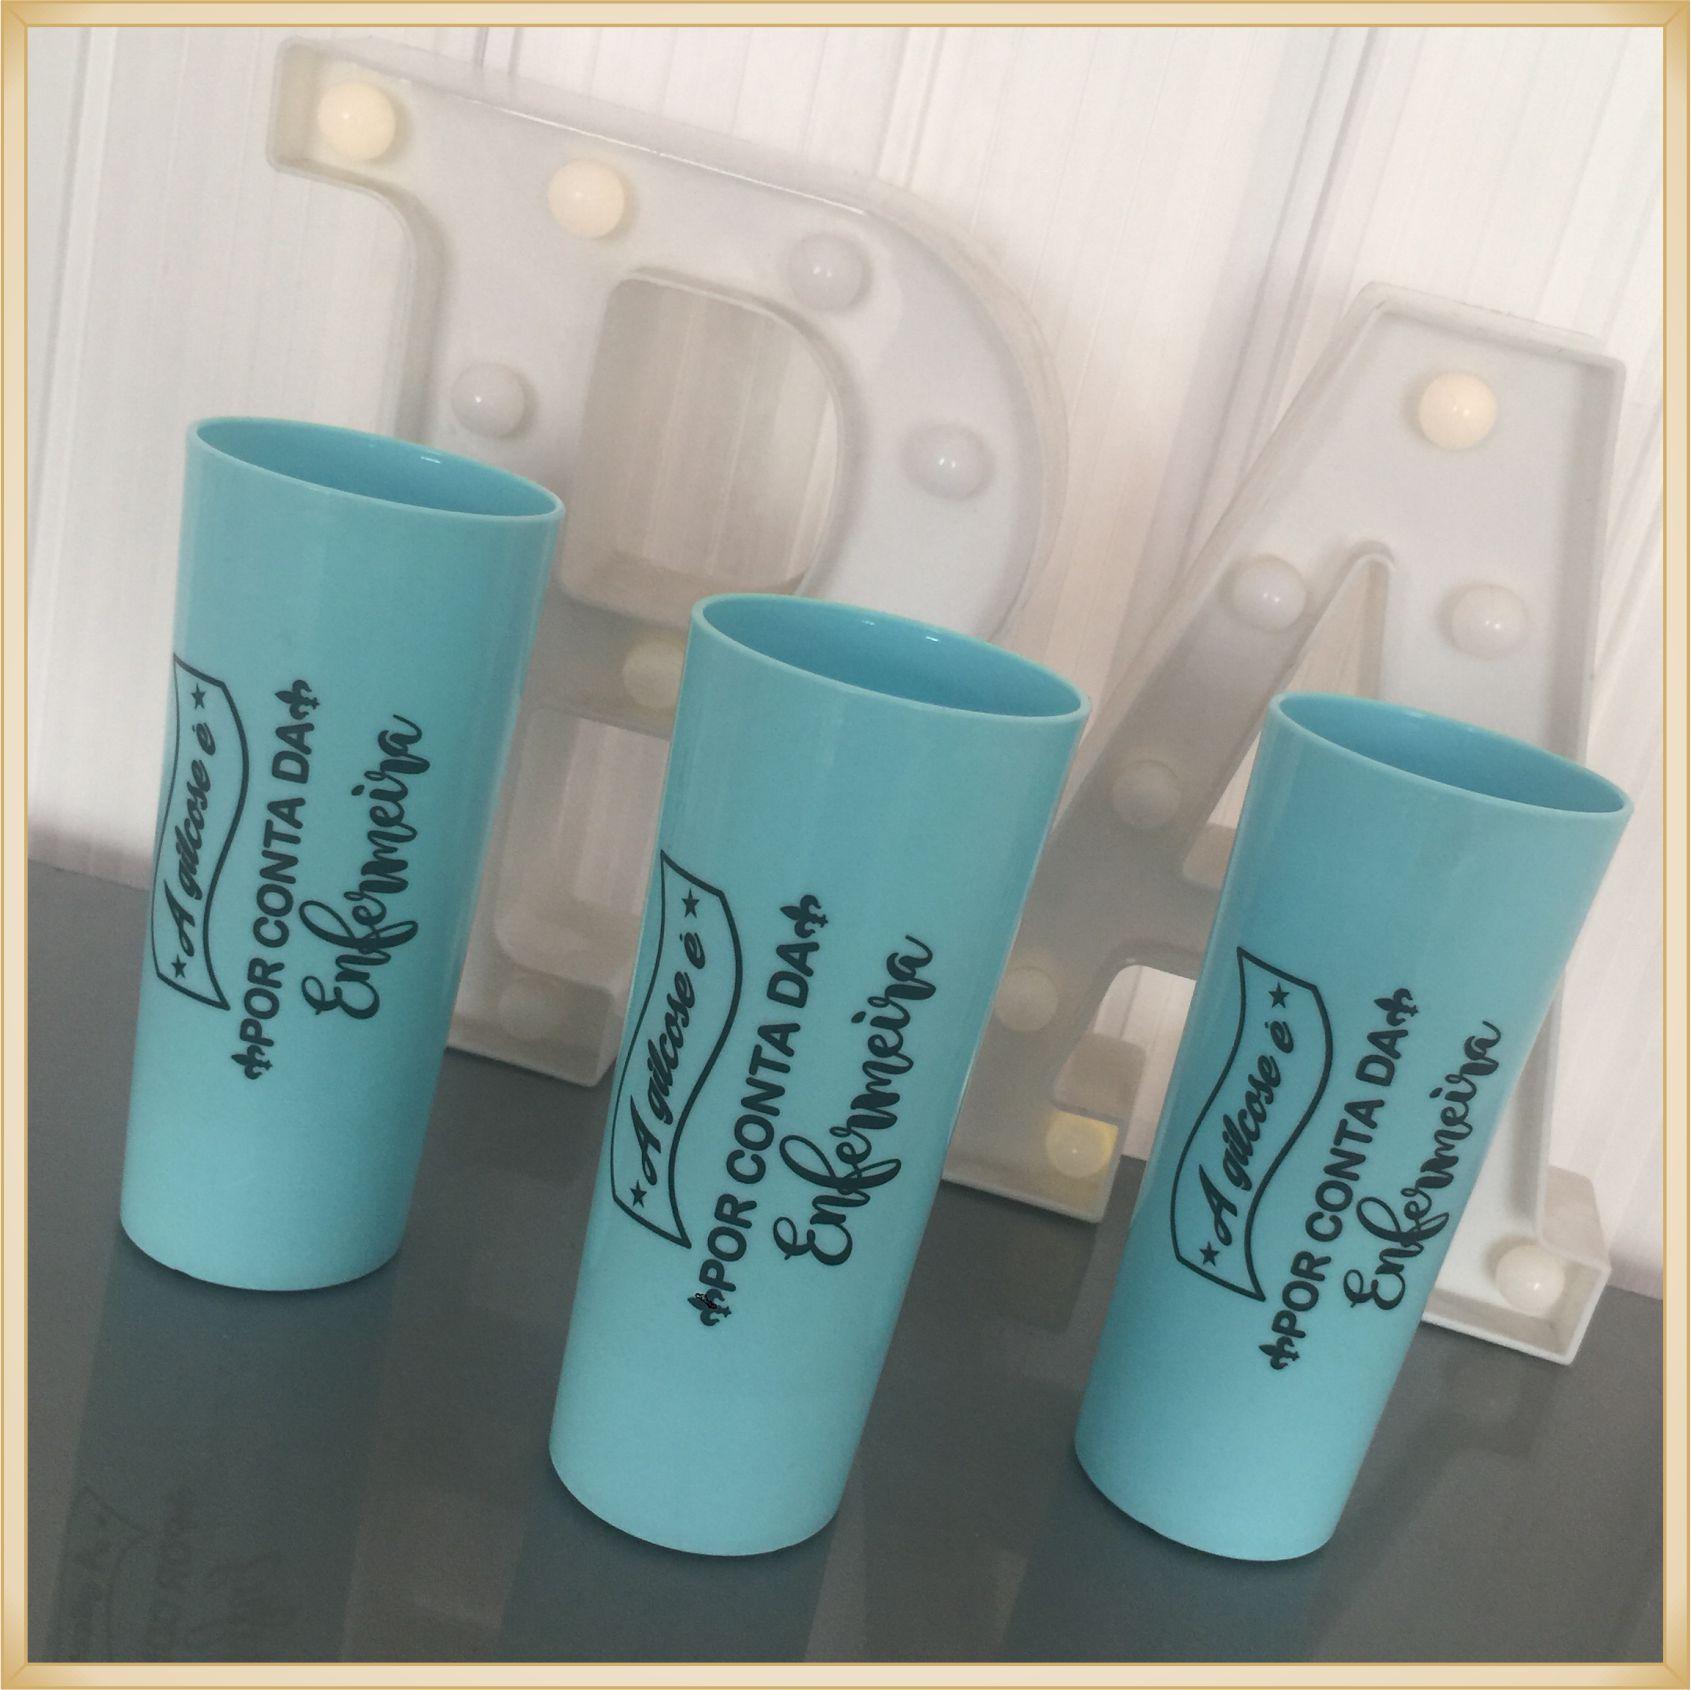 Copo long Drink Personalizado para Formatura - estampas de qualidade, brilhante, ótimo acabamento, parede de 2,5 mm, resistente, 325 ml.